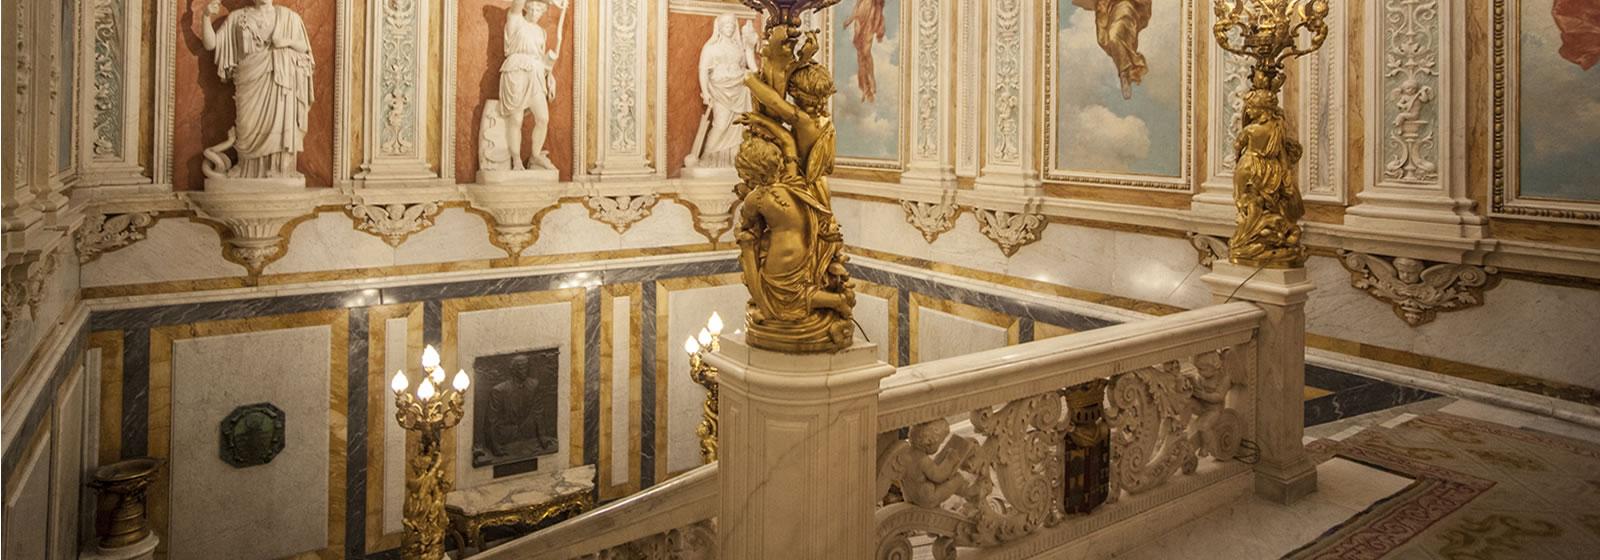 Vistas del interior del Palacio de Santoña, parte superior de la escalera principal, donde se aprecian altos techos y esculturas y murales.